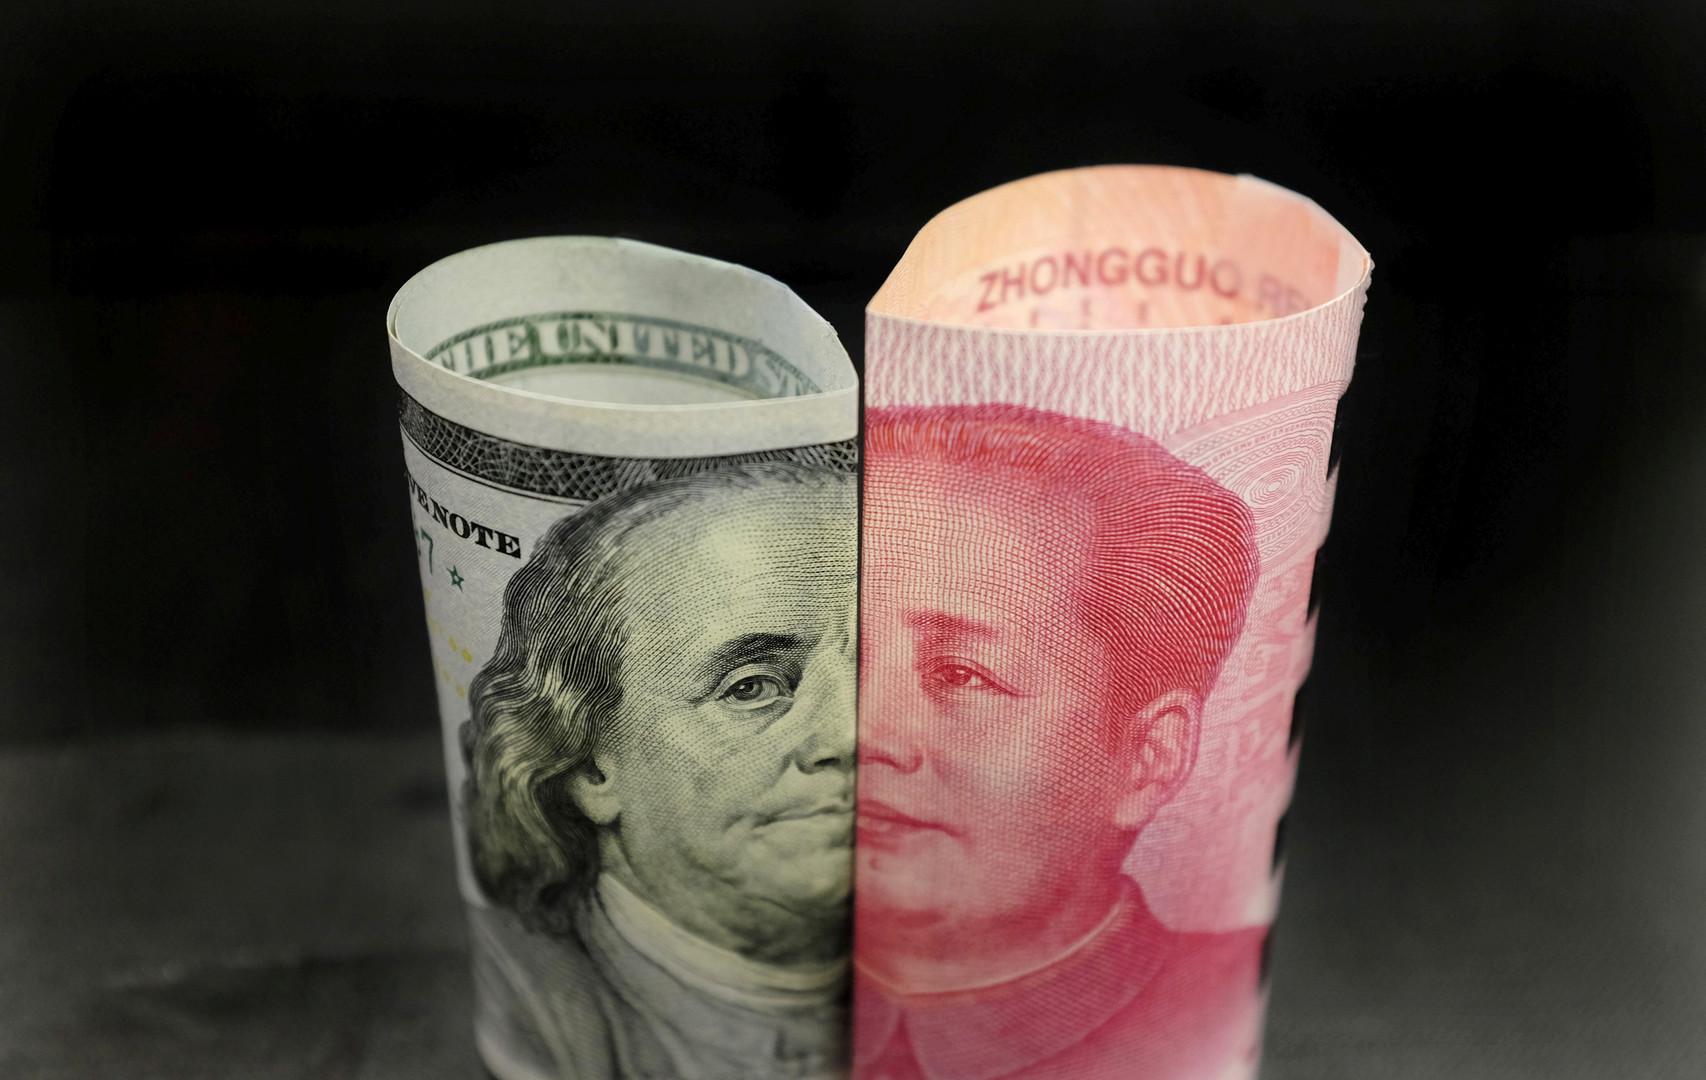 فرنسا تدعو الولايات المتحدة والصين لخفض التصعيد التجاري